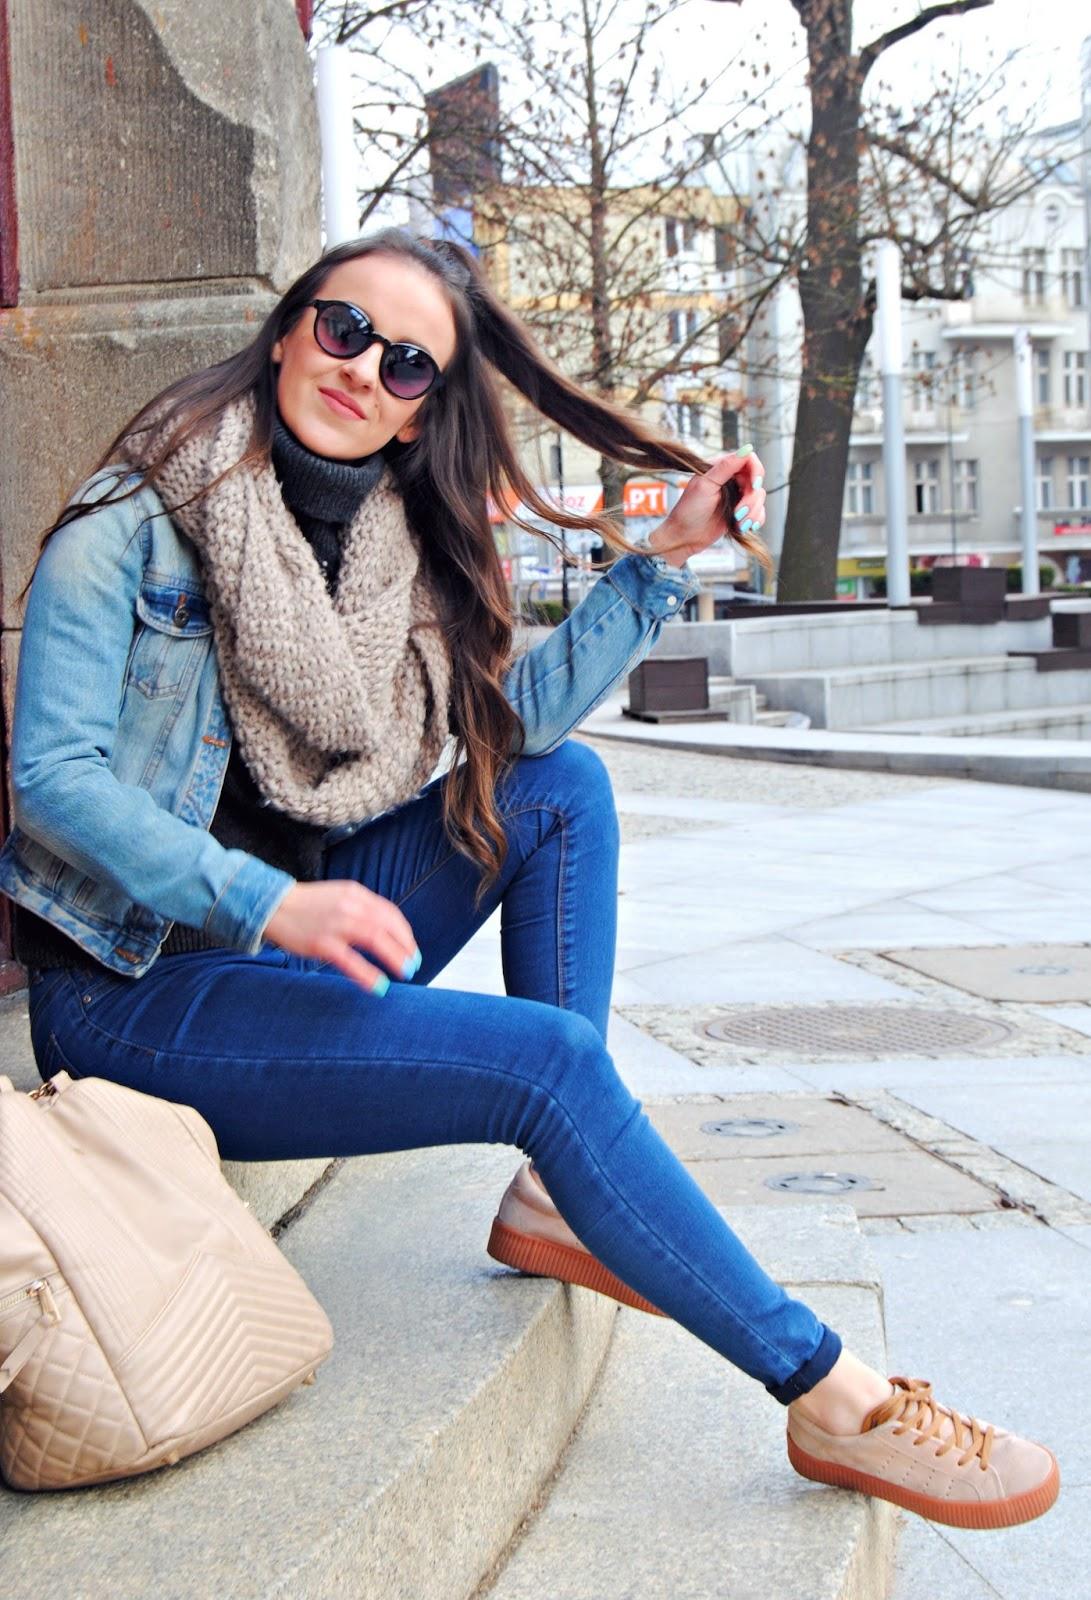 Rysia Celebryt: Ulubiony sweter ? Skurczony sweter mojego chłopaka